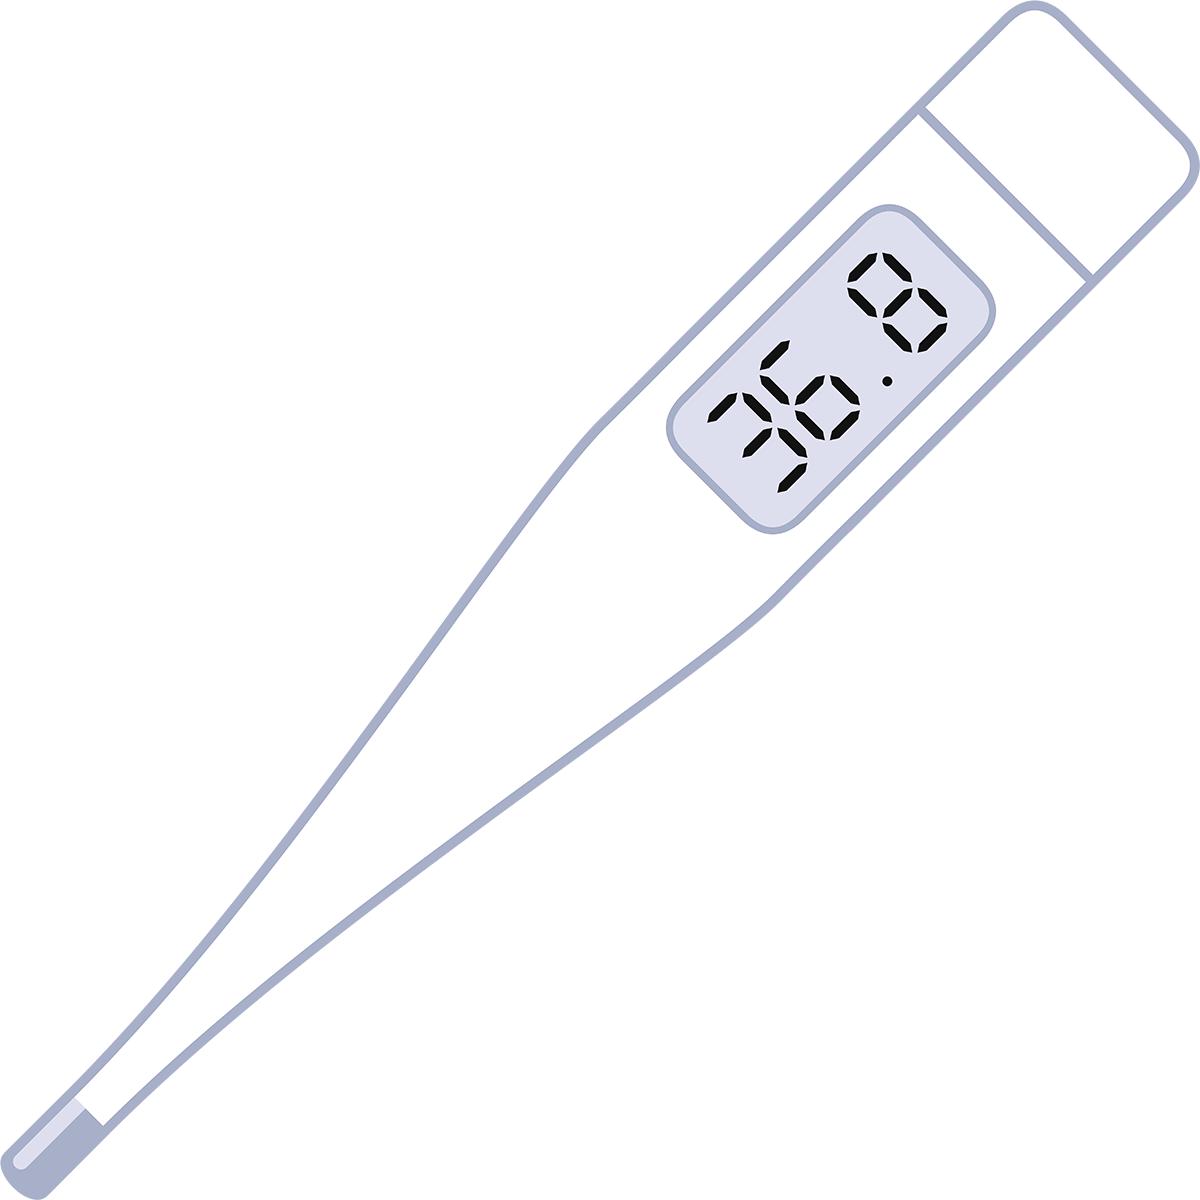 体温計の無料イラスト